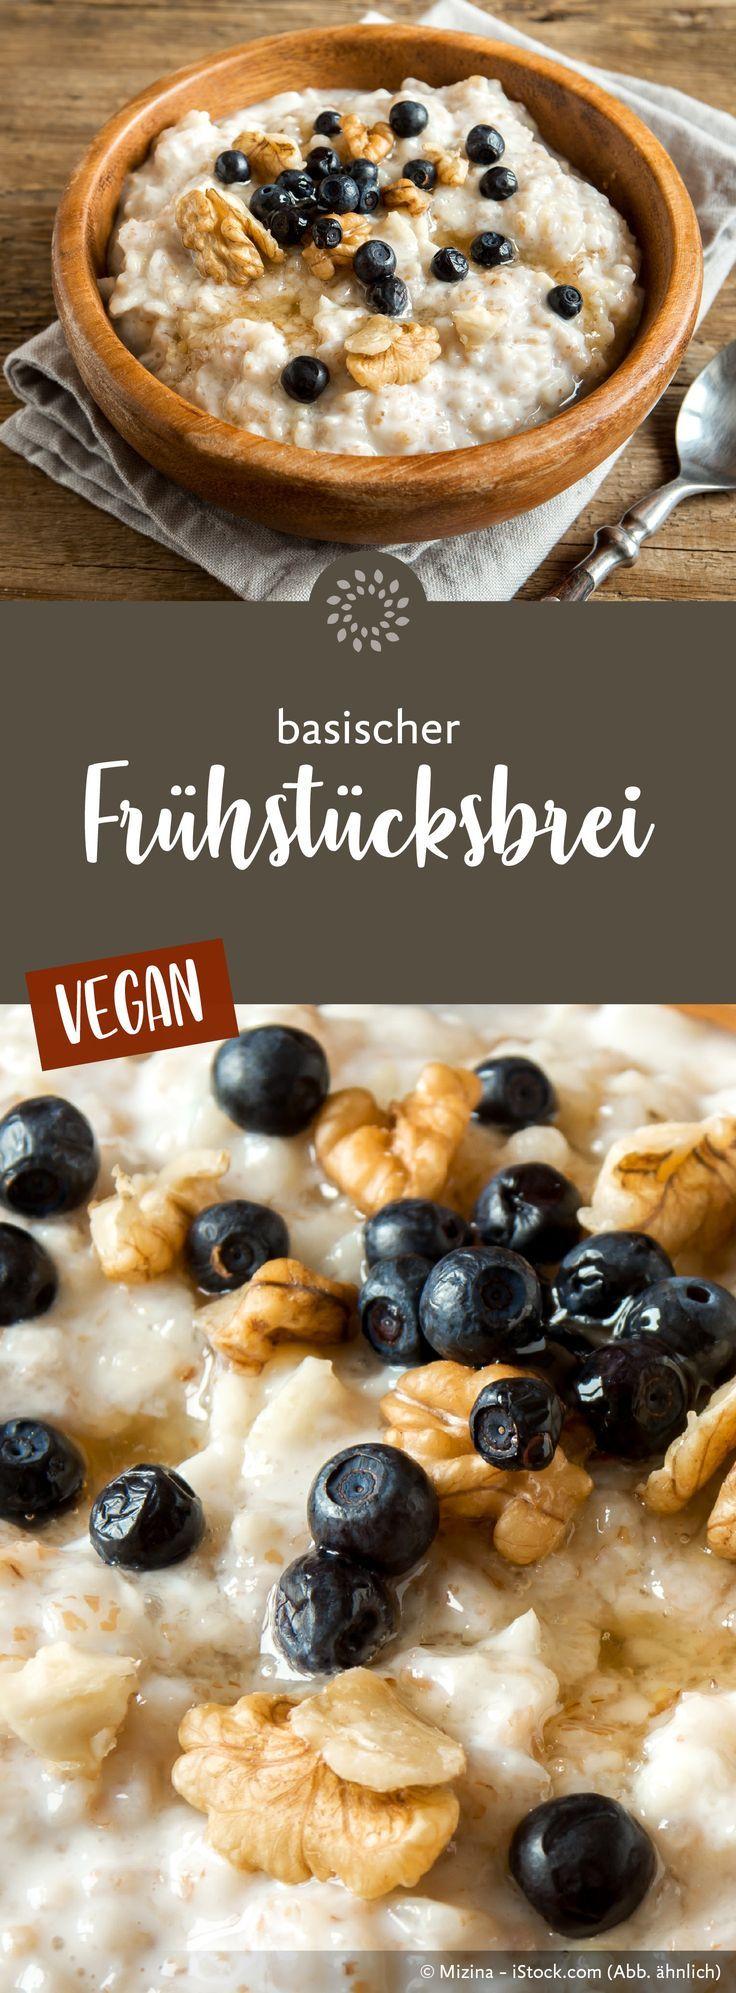 Basischer Frühstücksbrei – ein köstliches Fr…